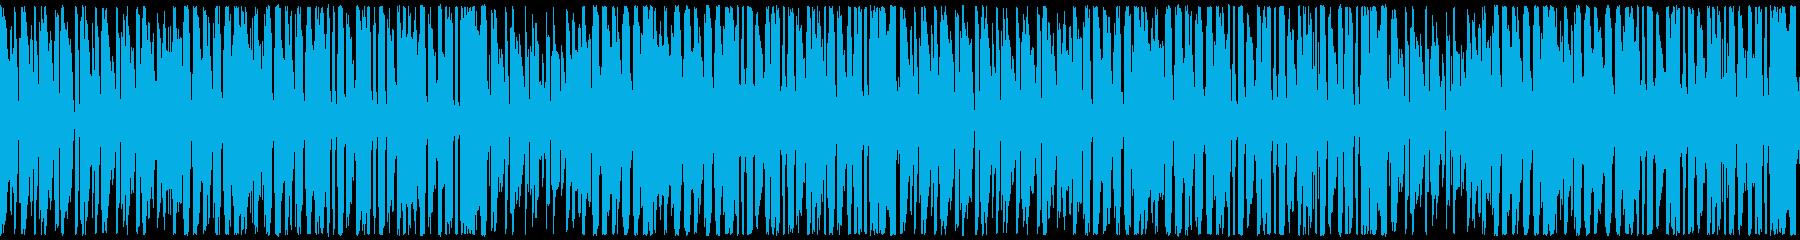 何か始まりそうな軽快なジャジーな曲の再生済みの波形